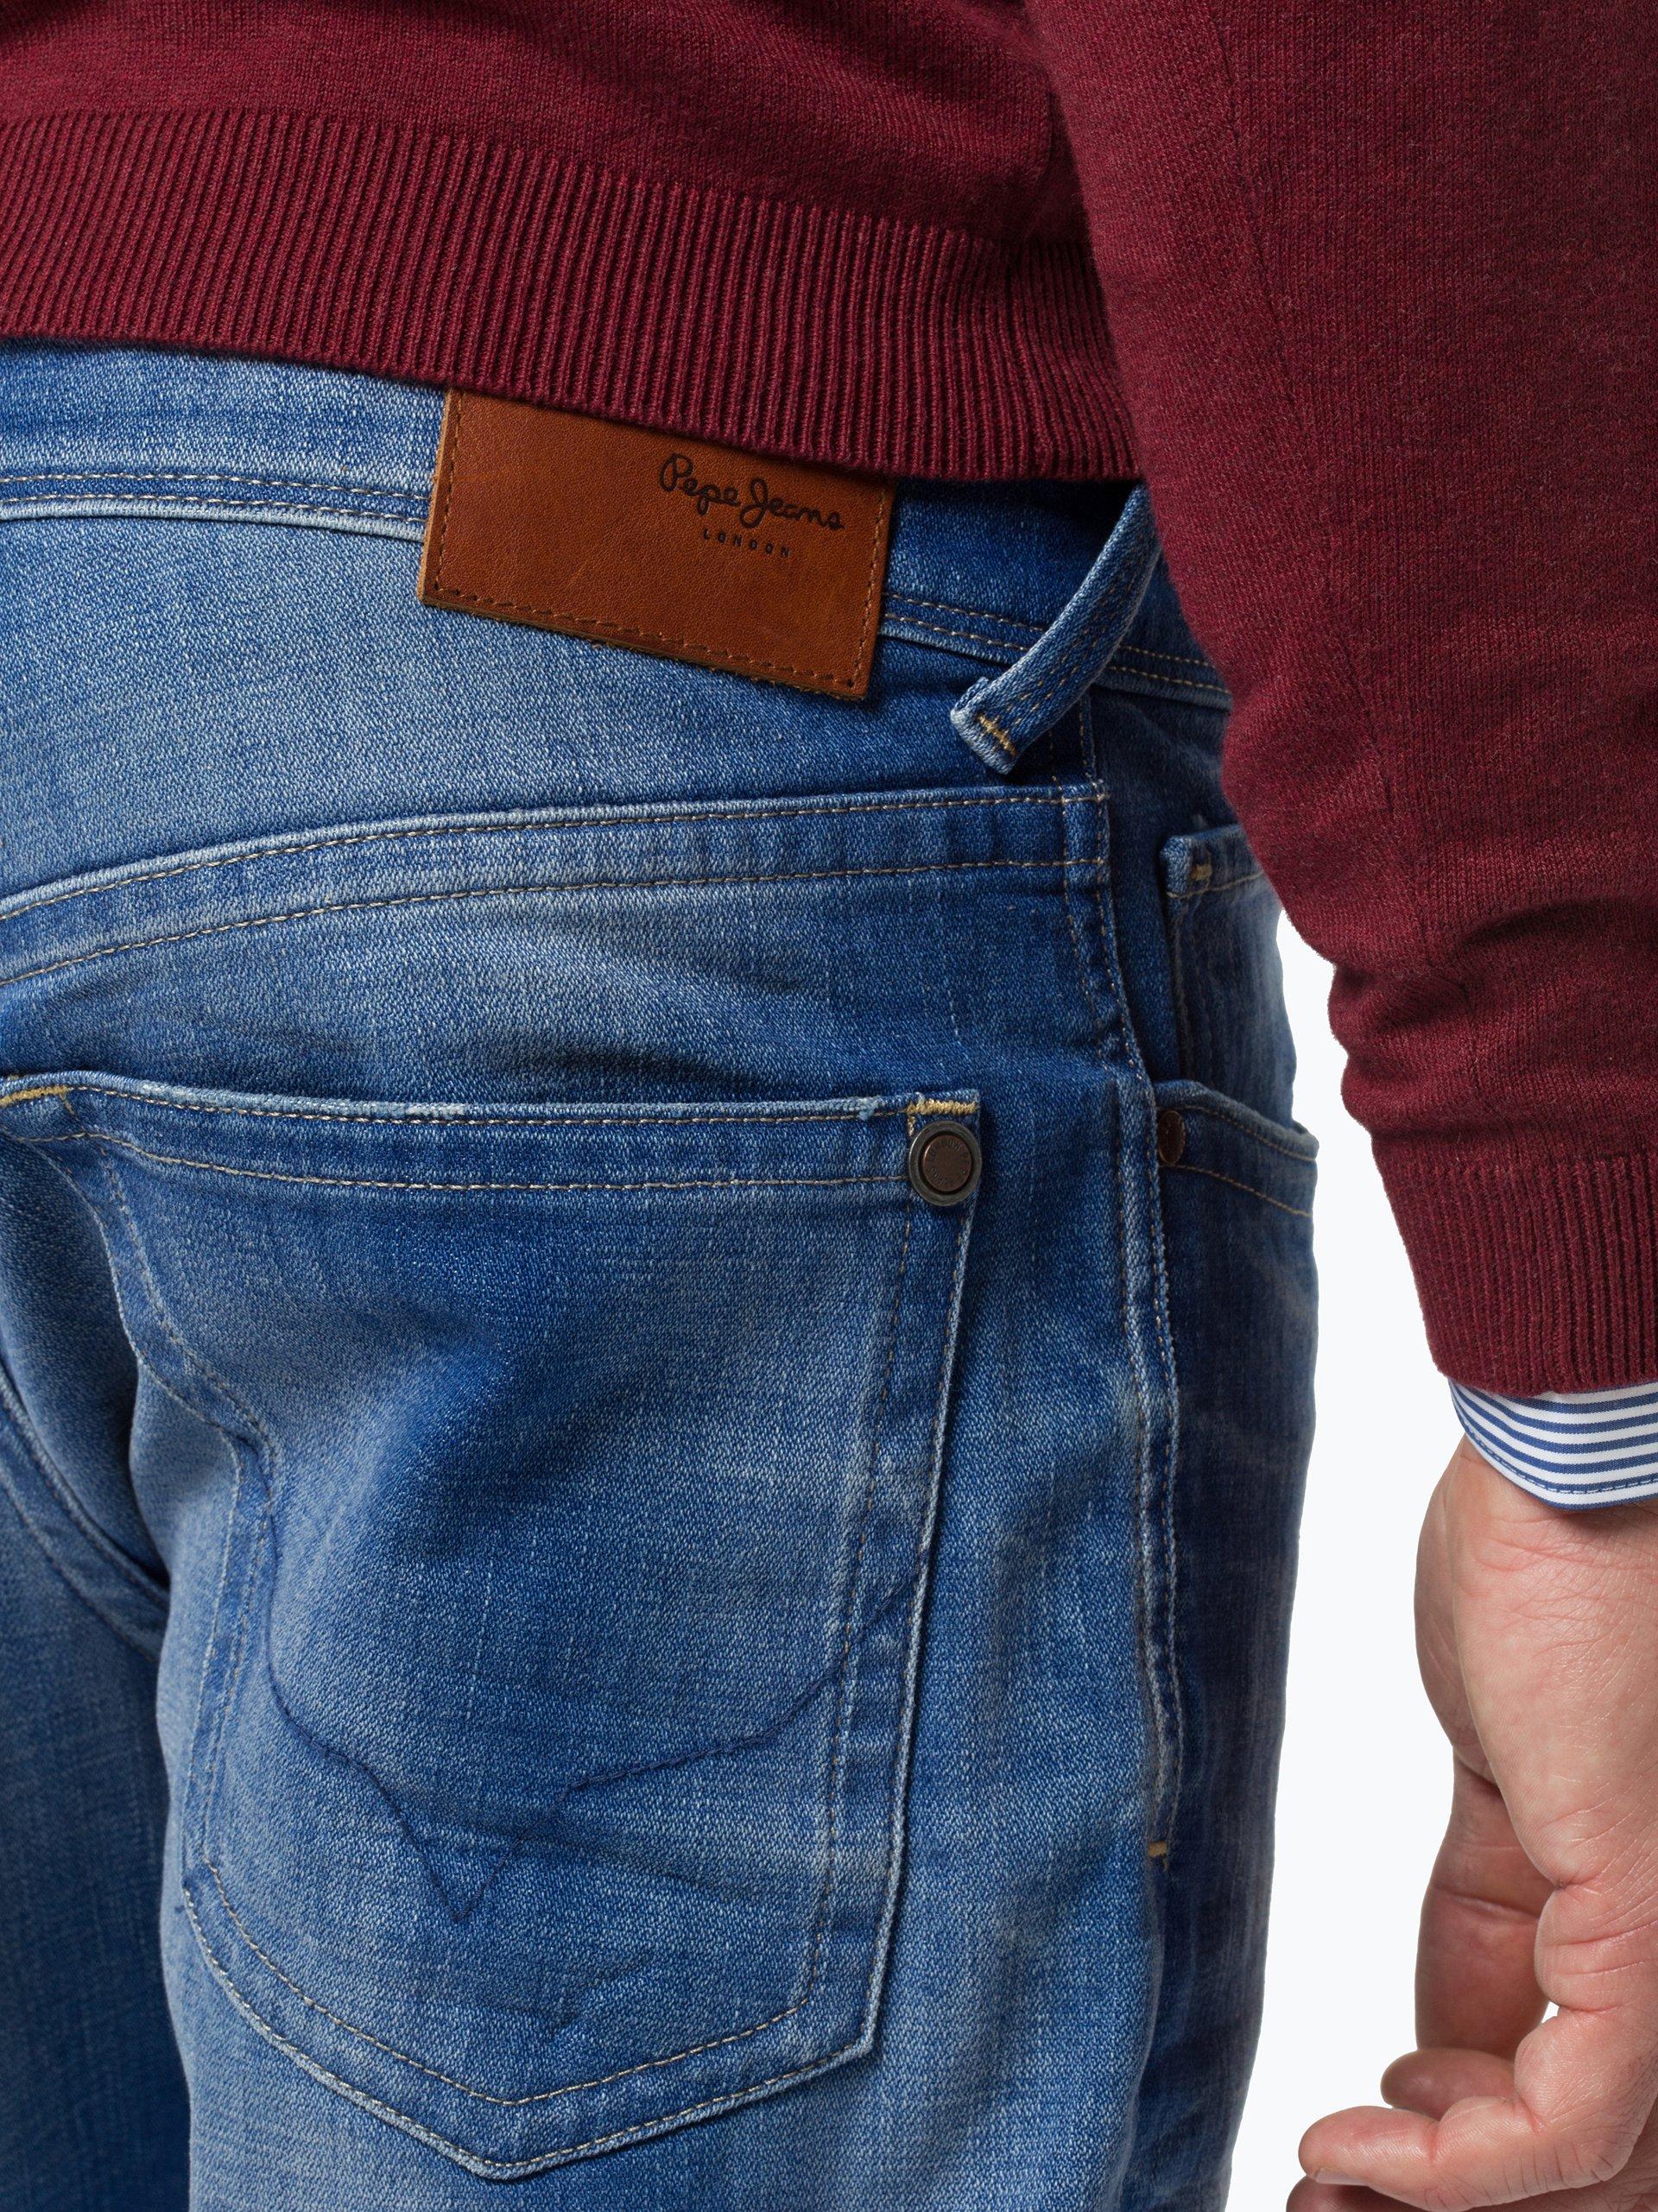 pepe jeans herren jeans hatch denim uni online kaufen peek und cloppenburg de. Black Bedroom Furniture Sets. Home Design Ideas